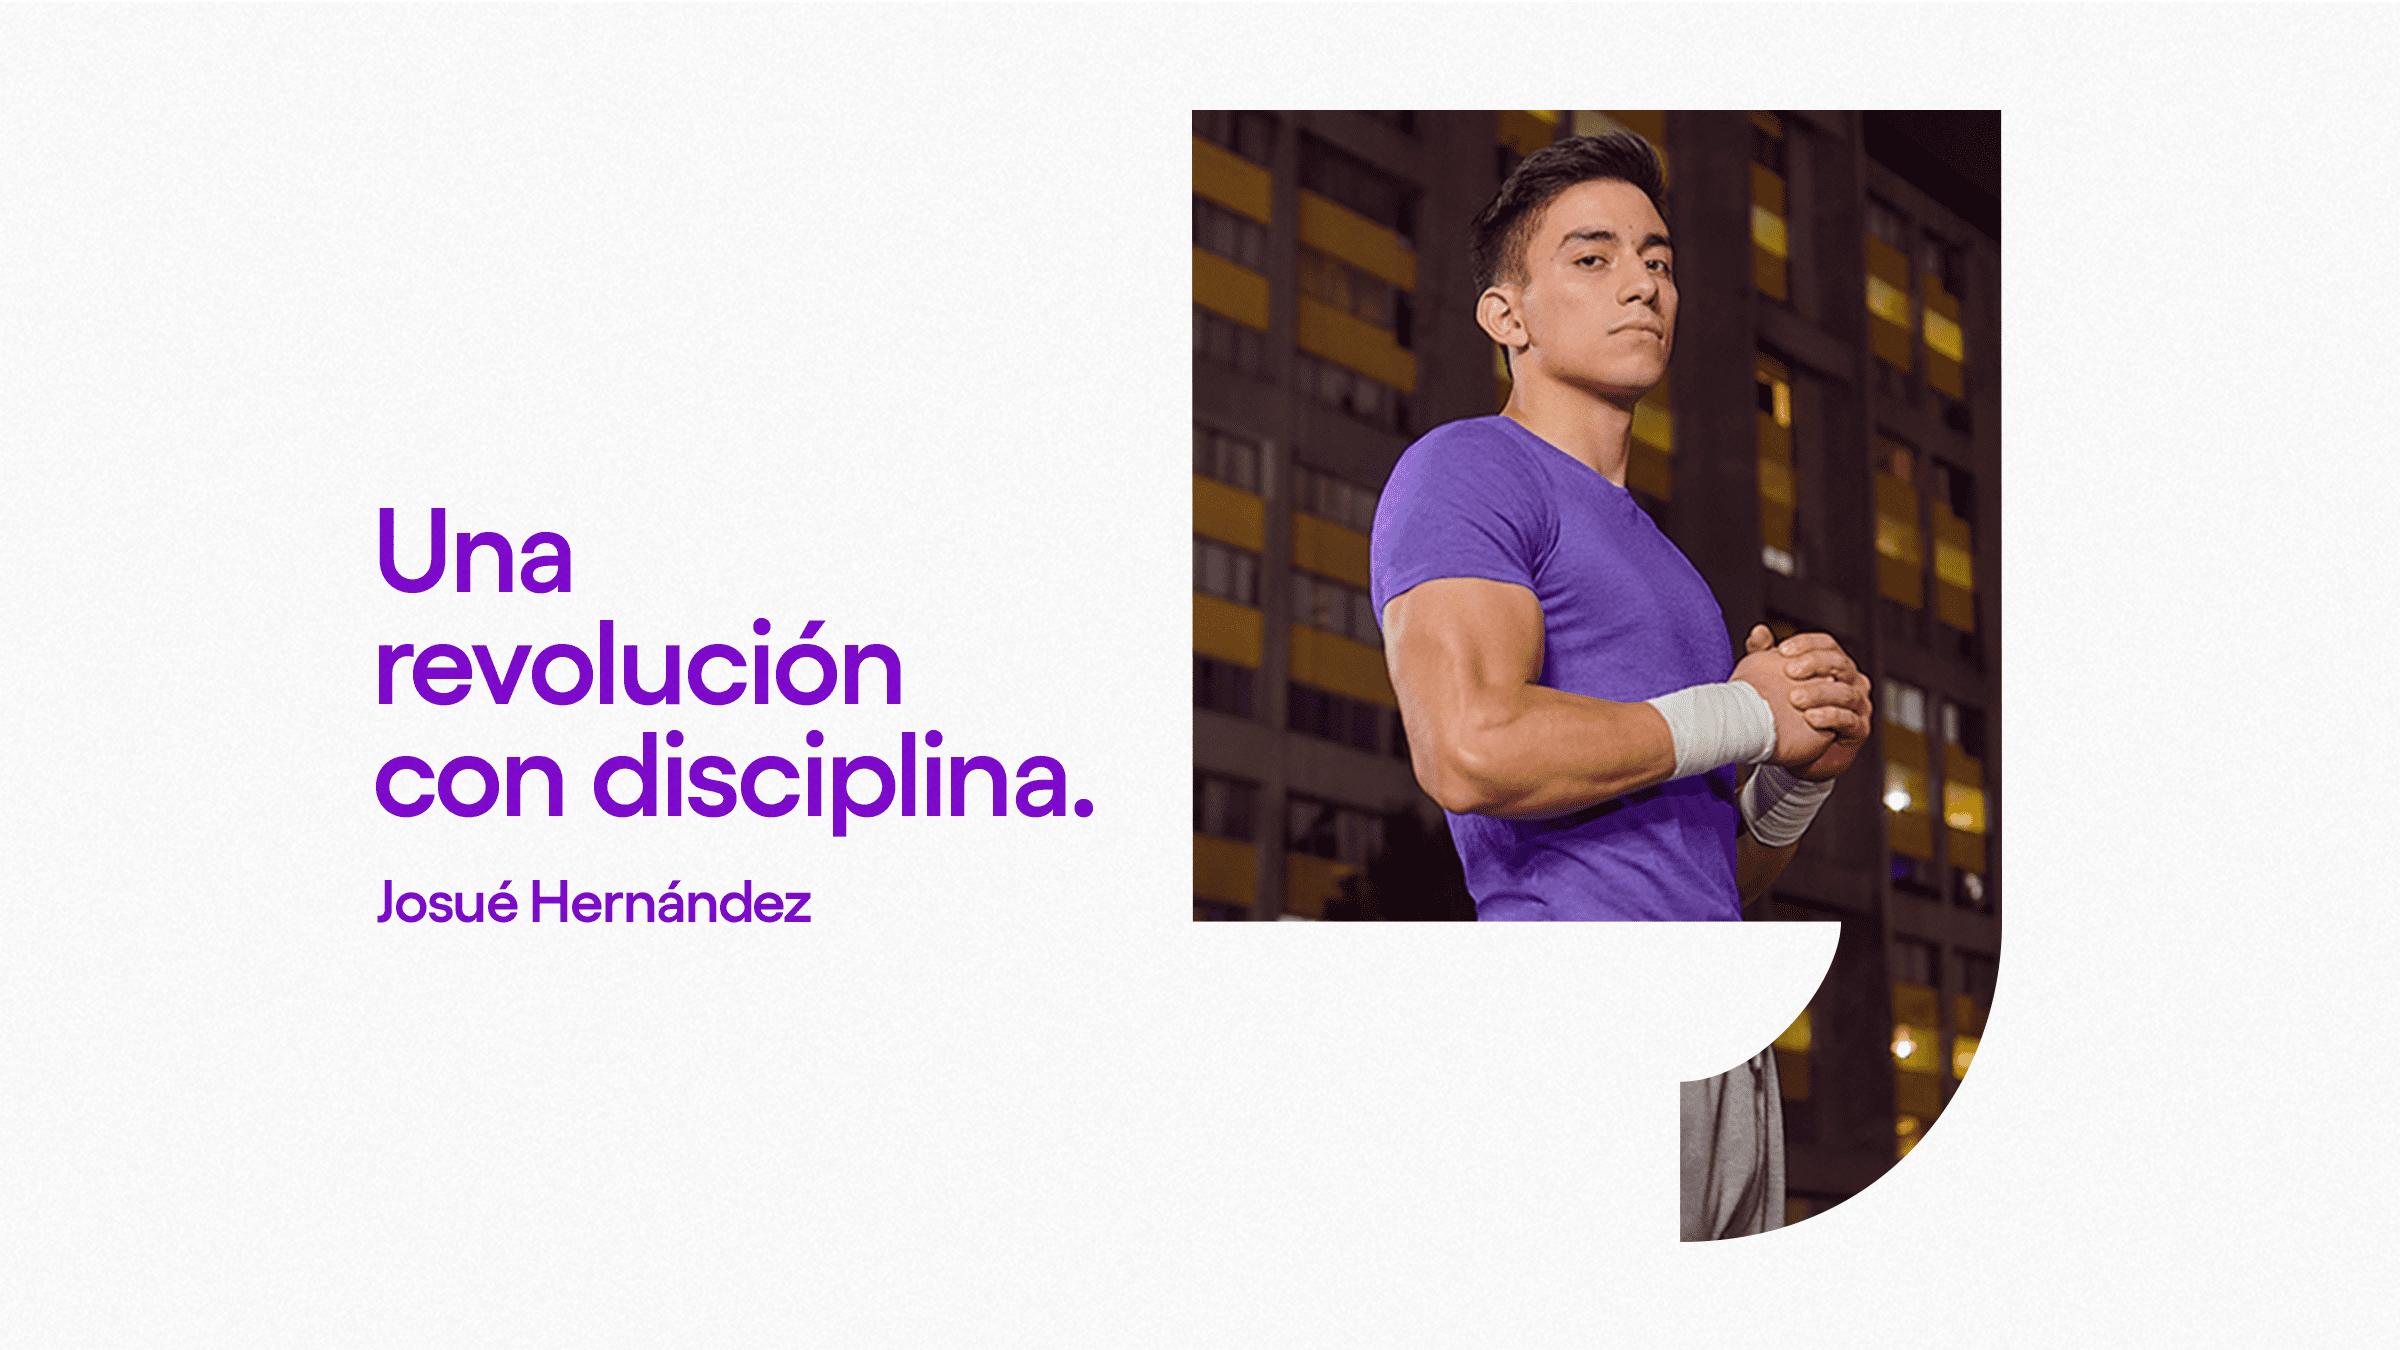 Josué Hernández gimnasta viste playera color morado frente a unos apartamentos